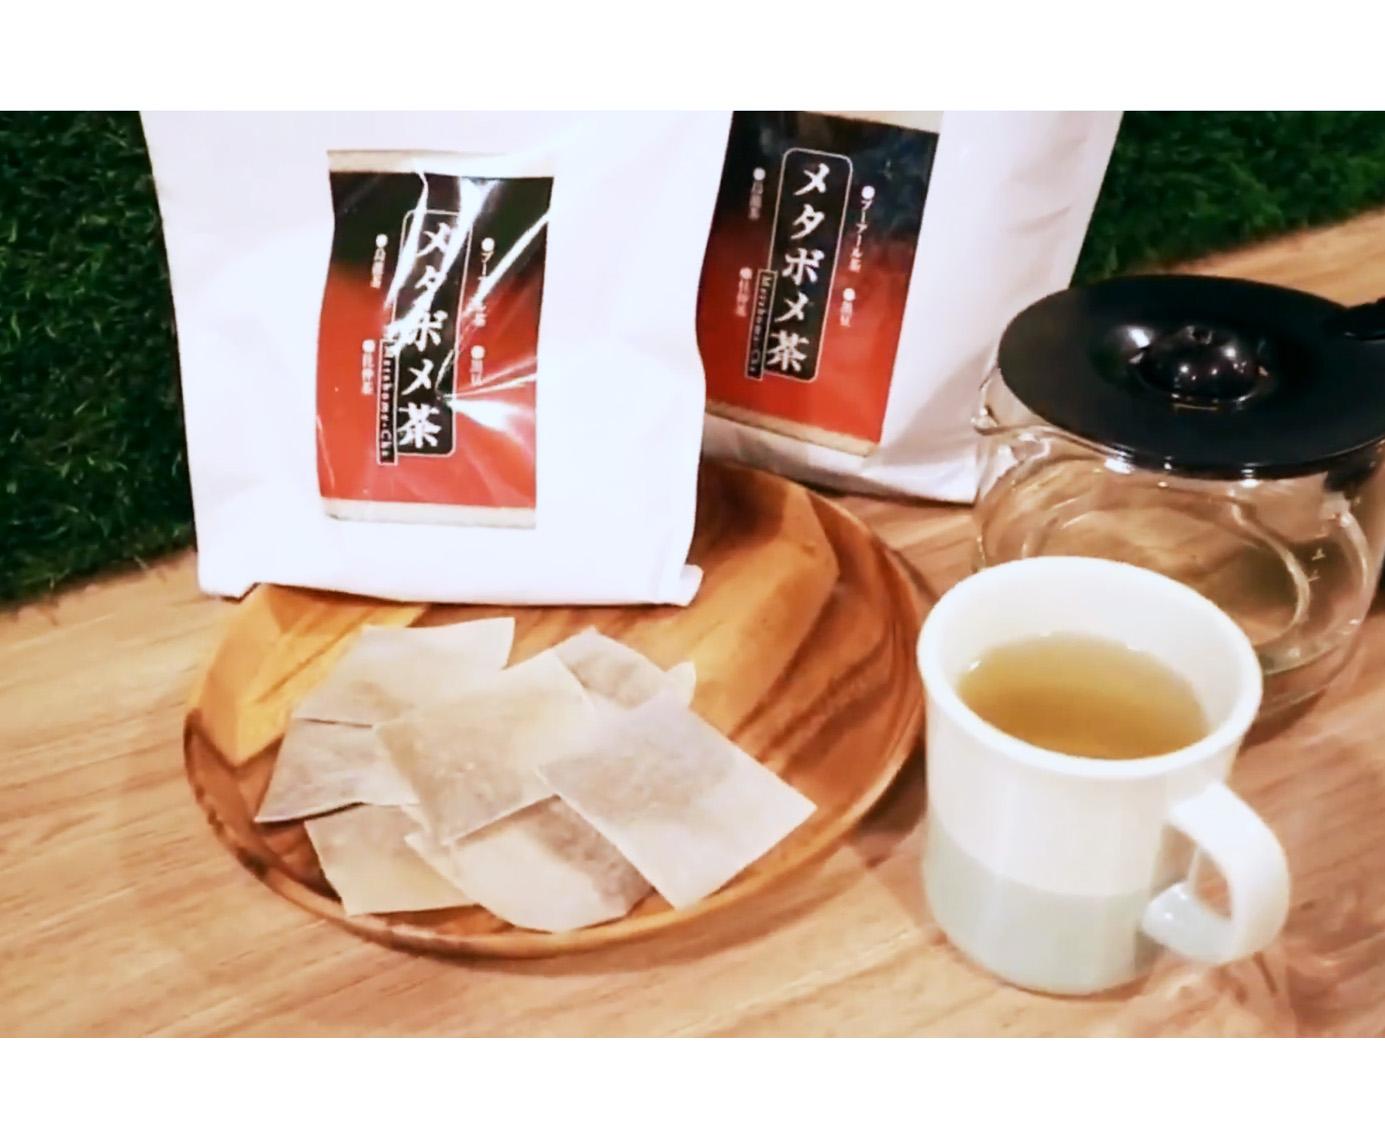 【Tealife美達寶美茶】甘甜清香爽口,你也愛上喝茶了嗎?